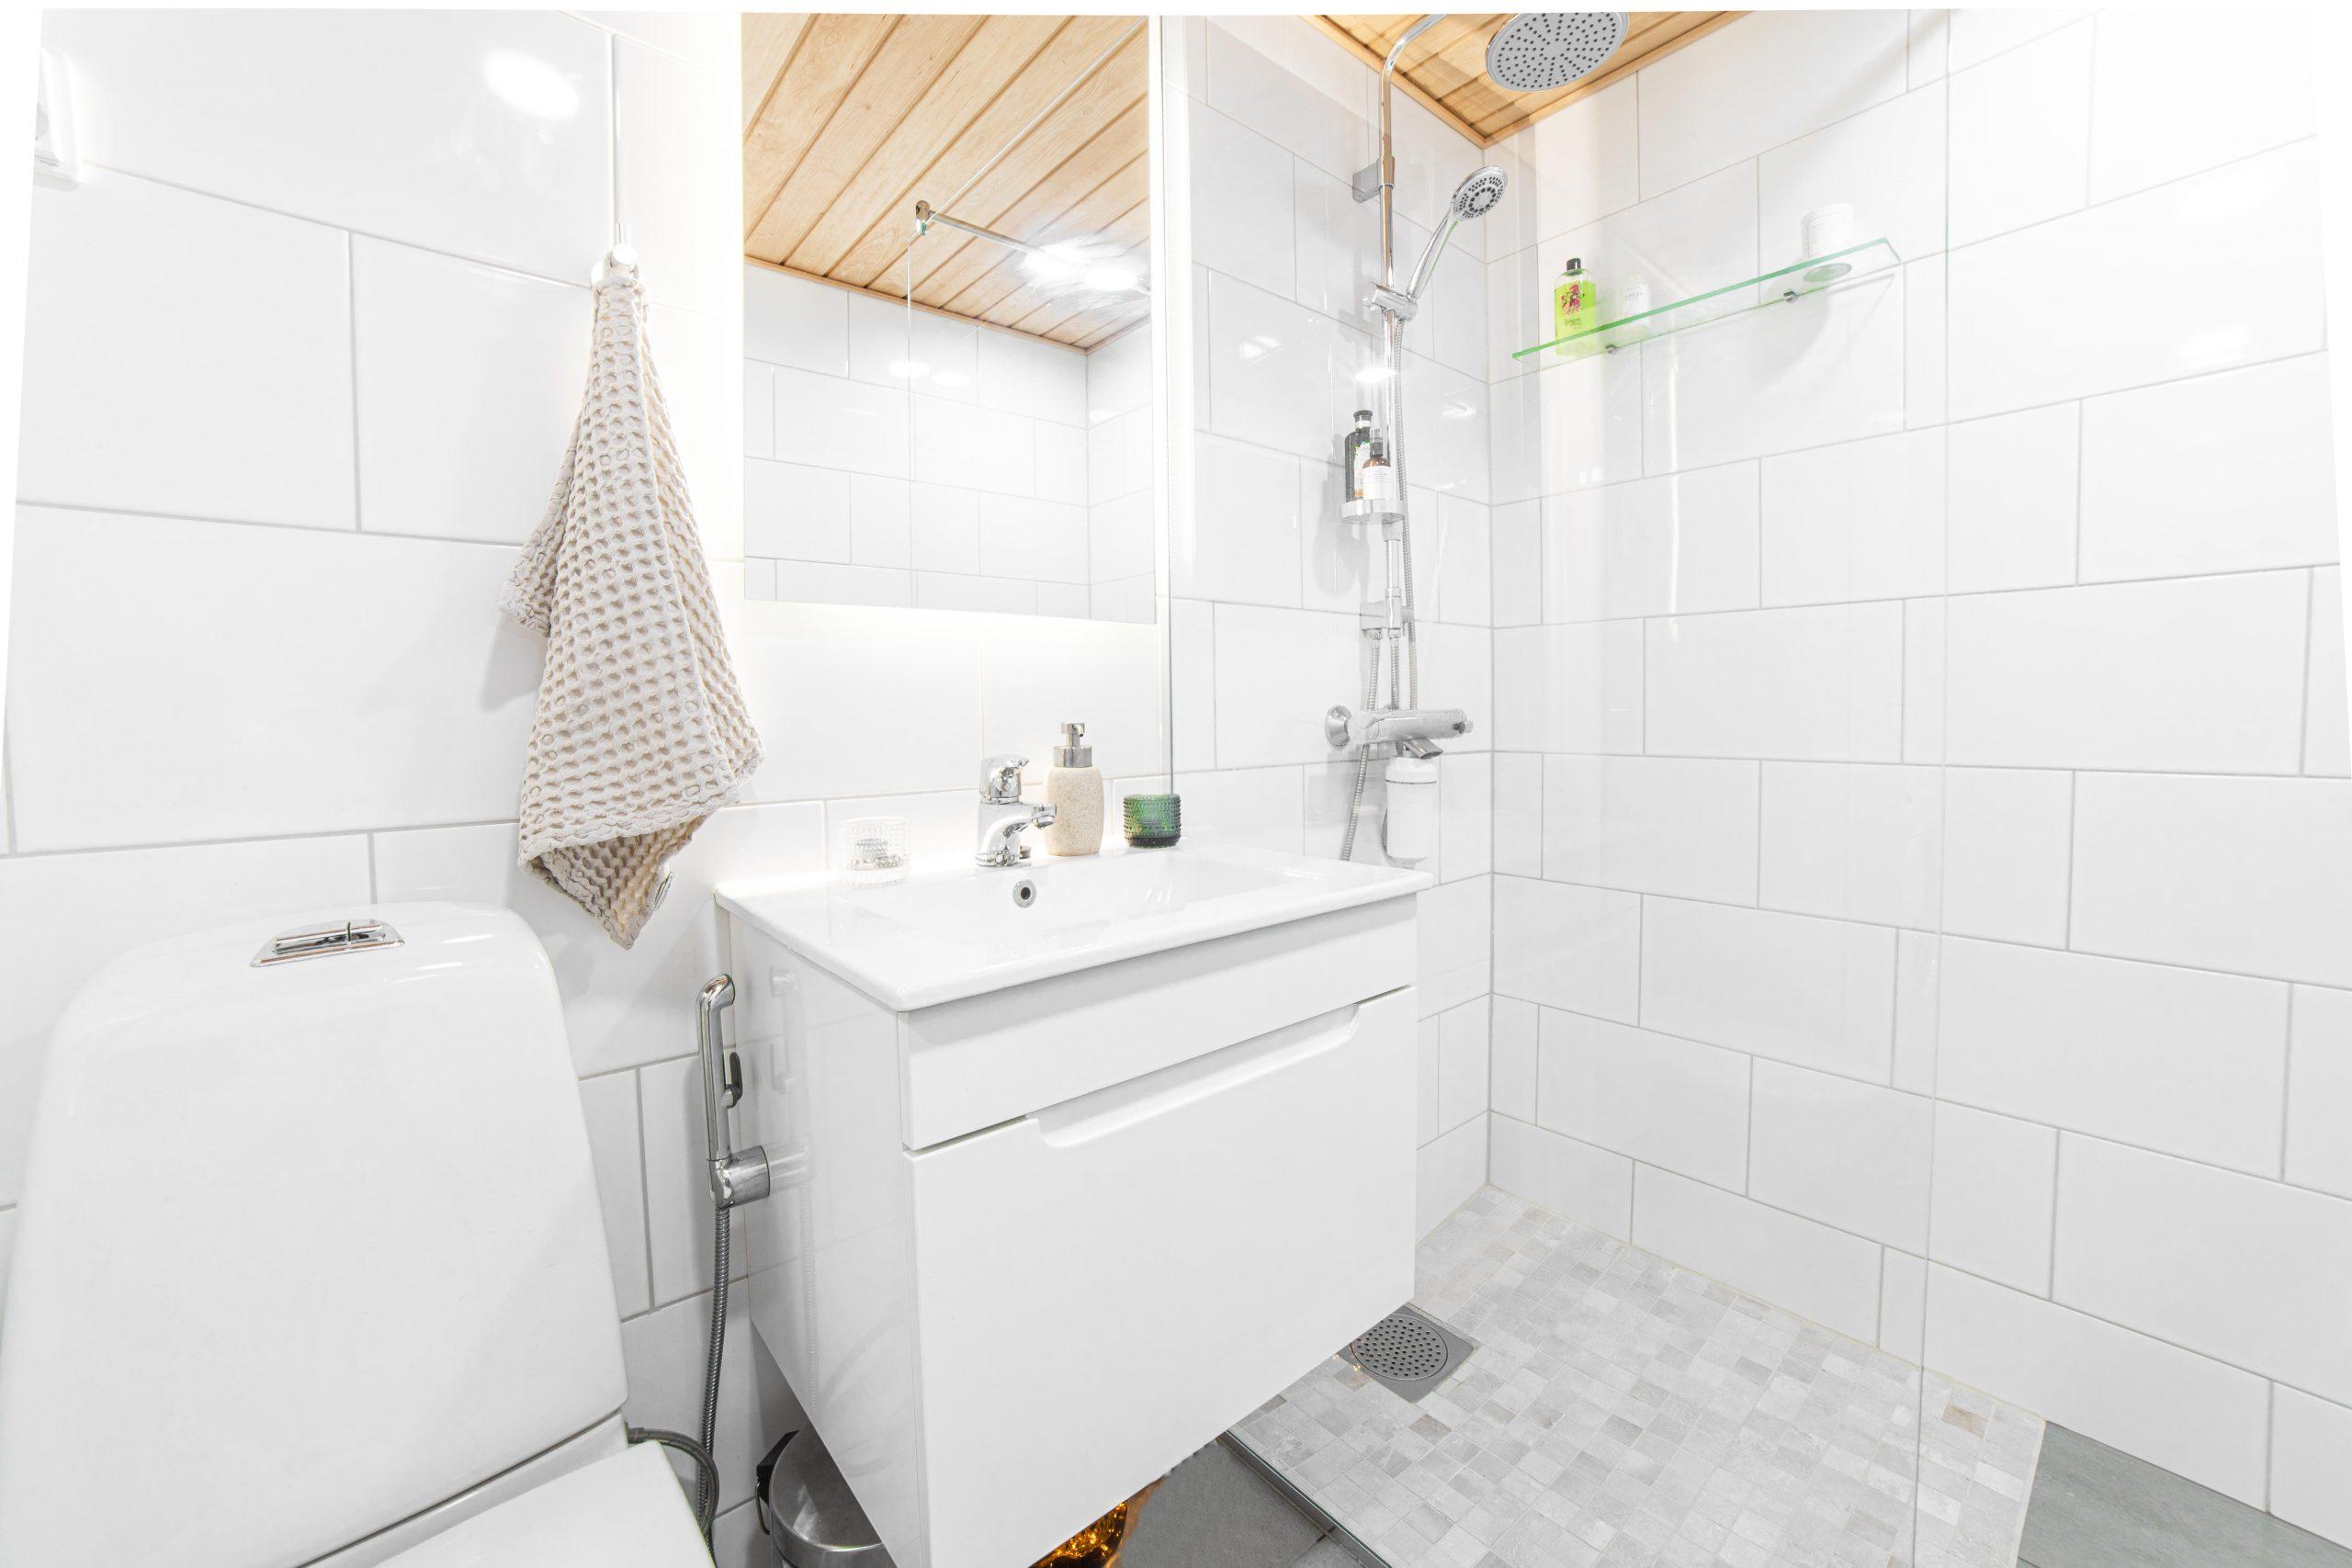 Asuntokuvaus kylpyhuone